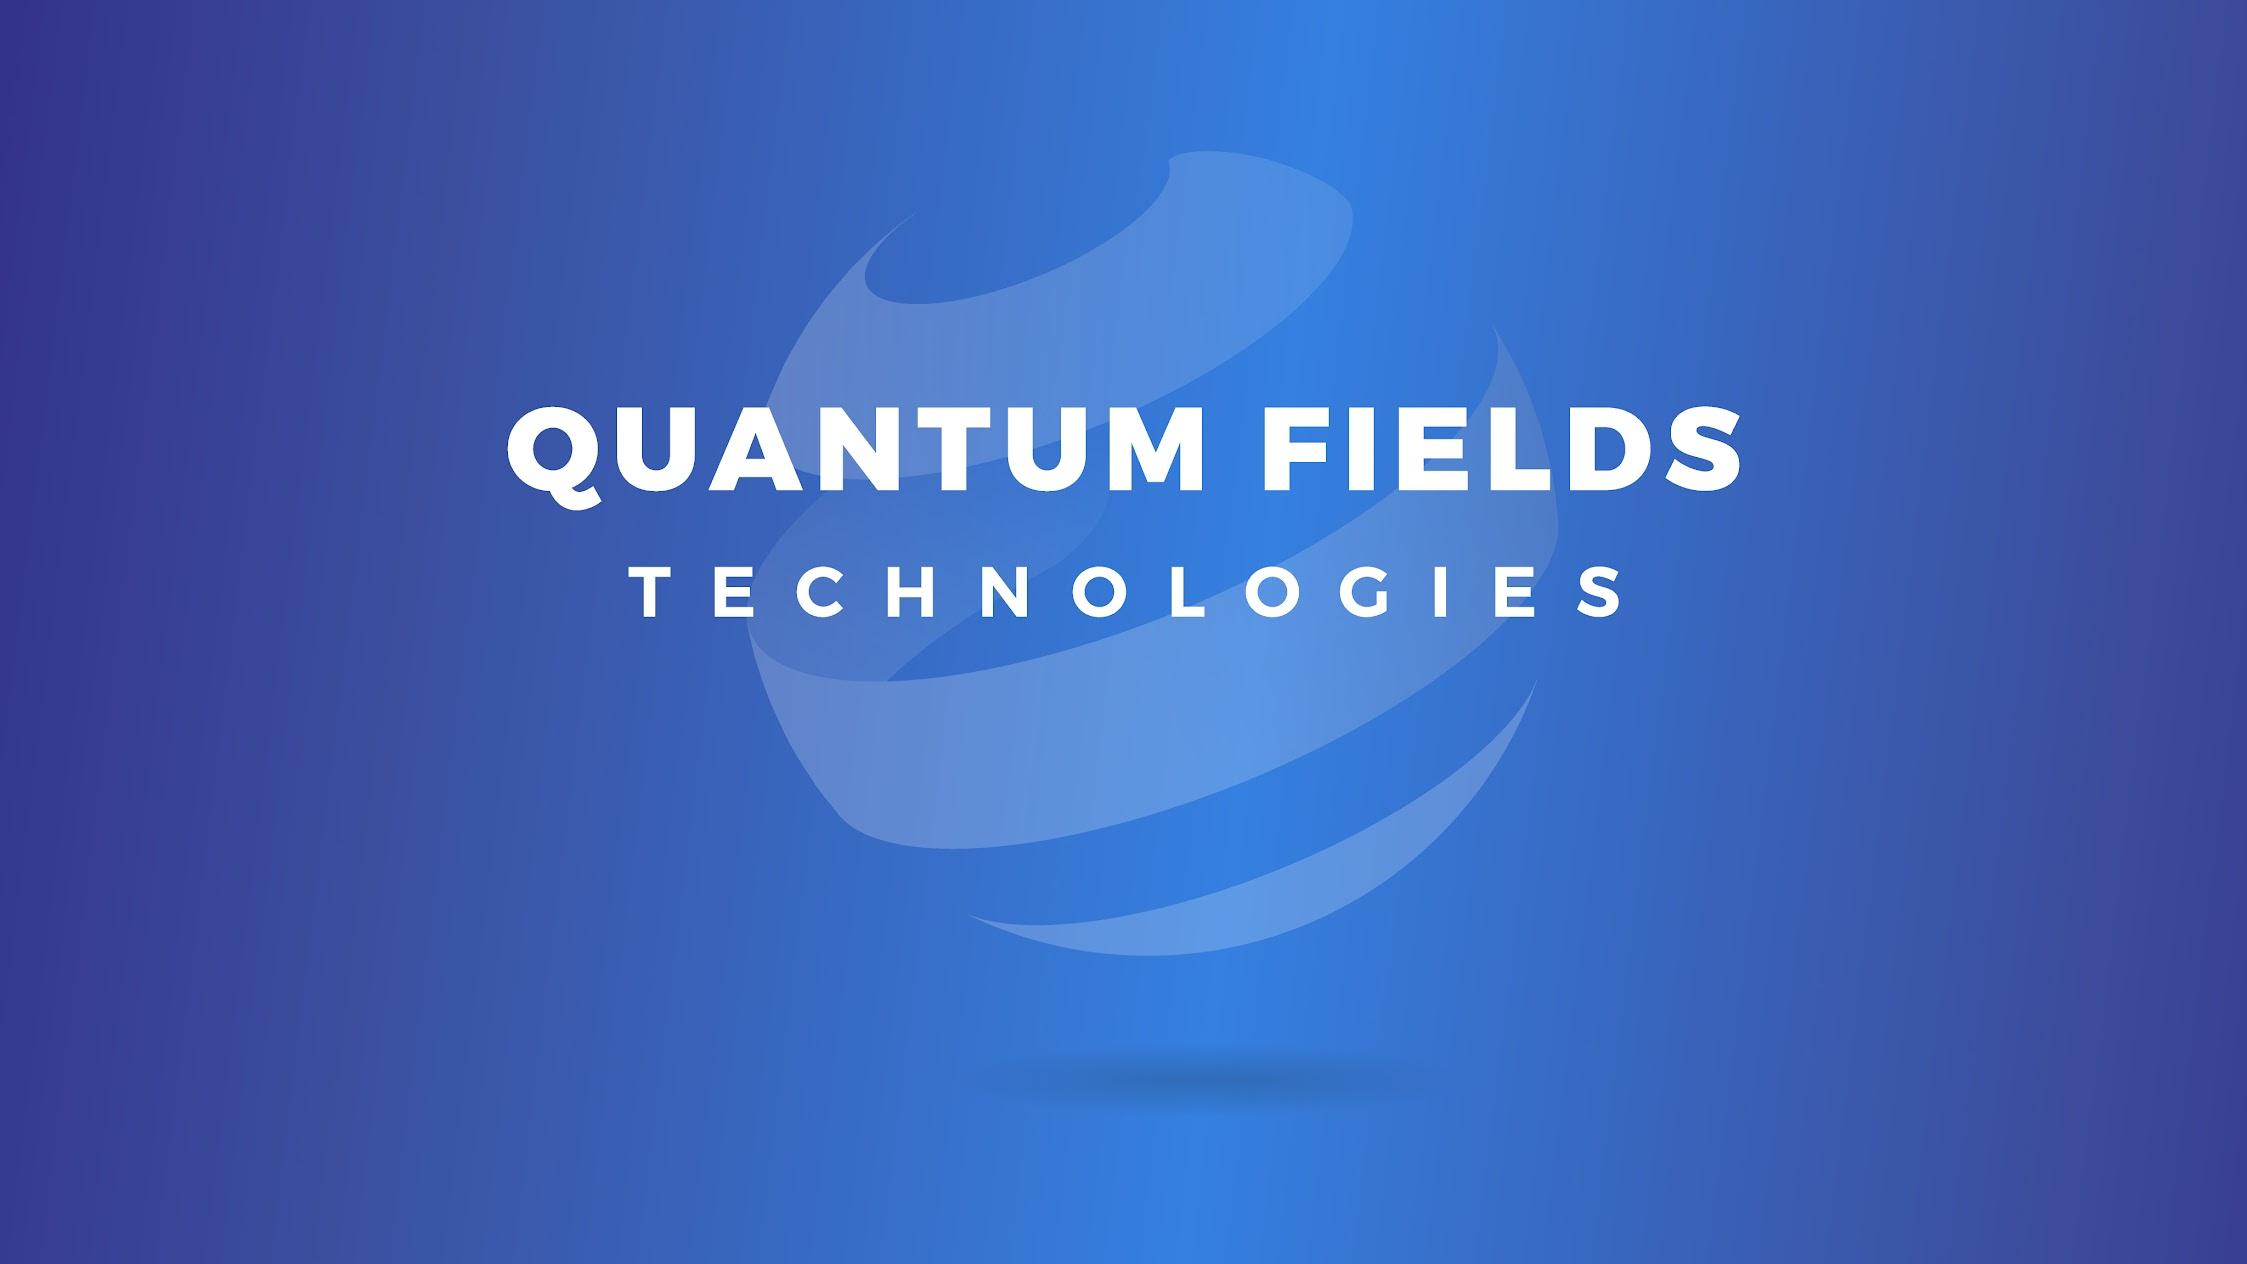 Olyseum - Quantum Fields Technologies